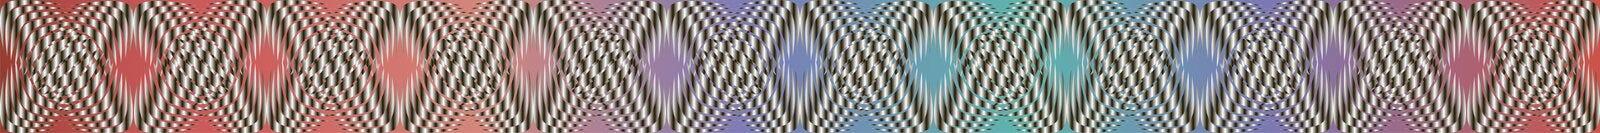 Geometrische patronen met gradiëntvulling 7 stock illustratie